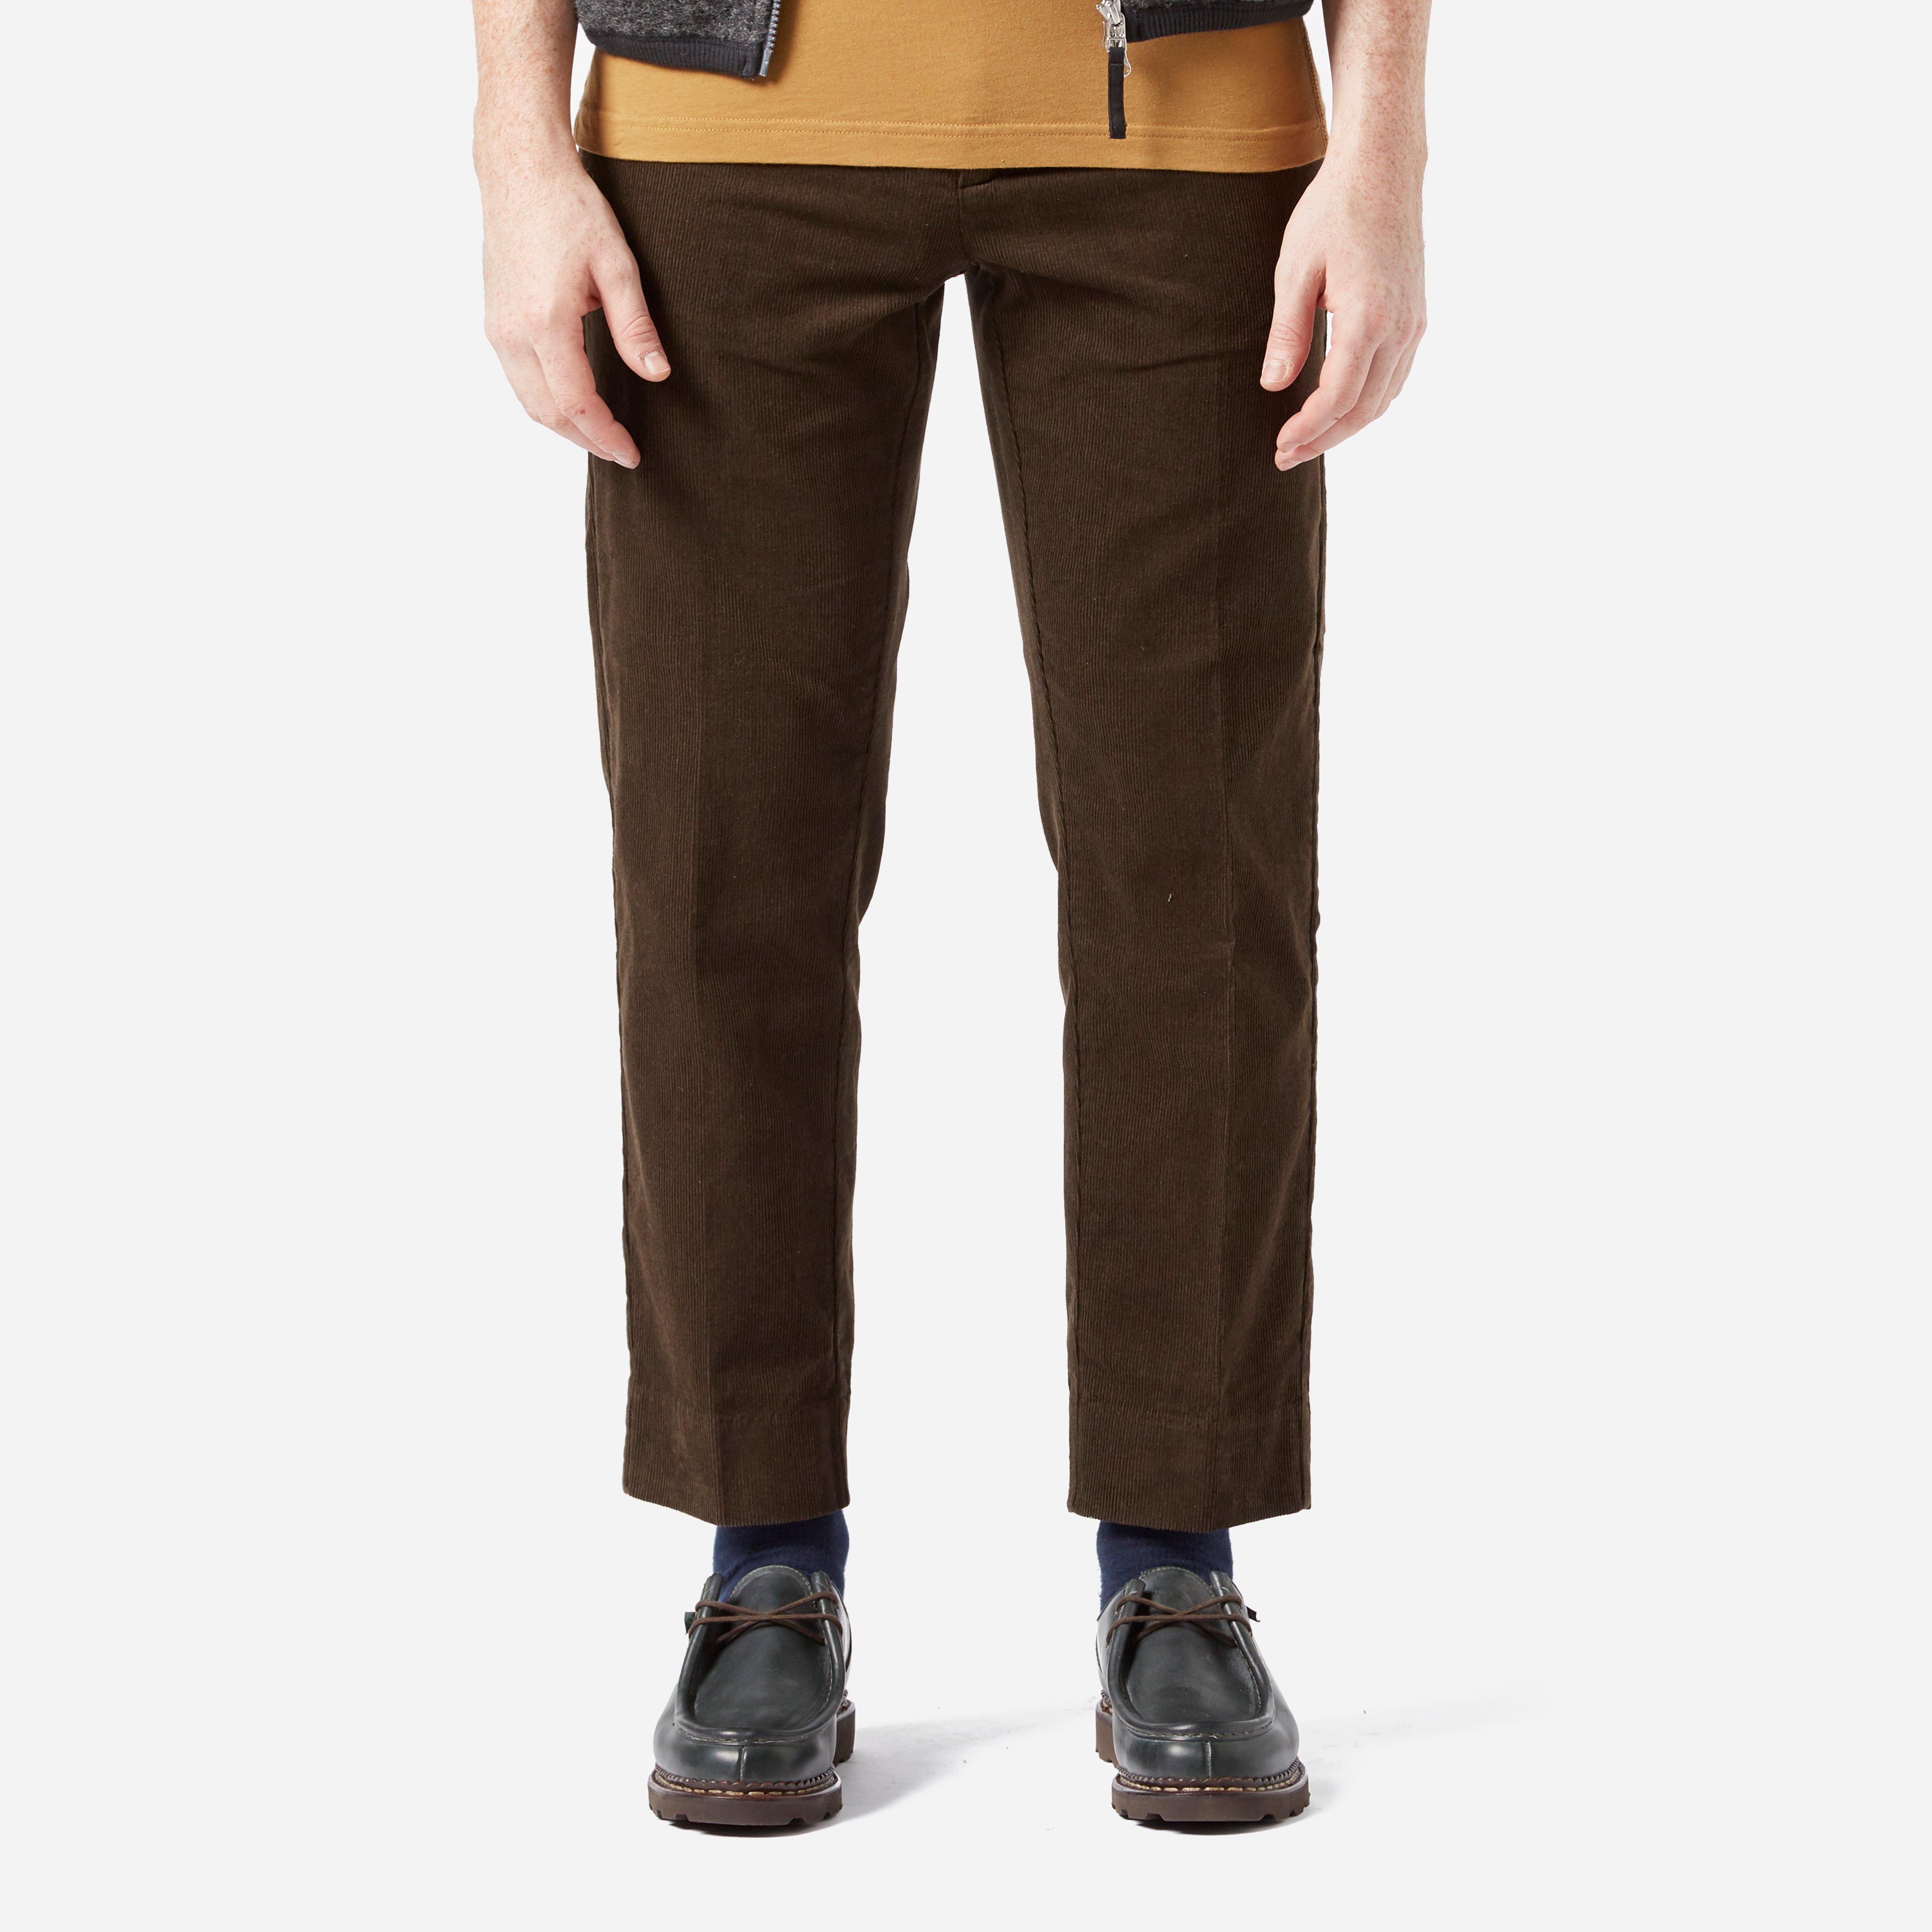 Barbour X Wood Wood Fidra Cord Trouser